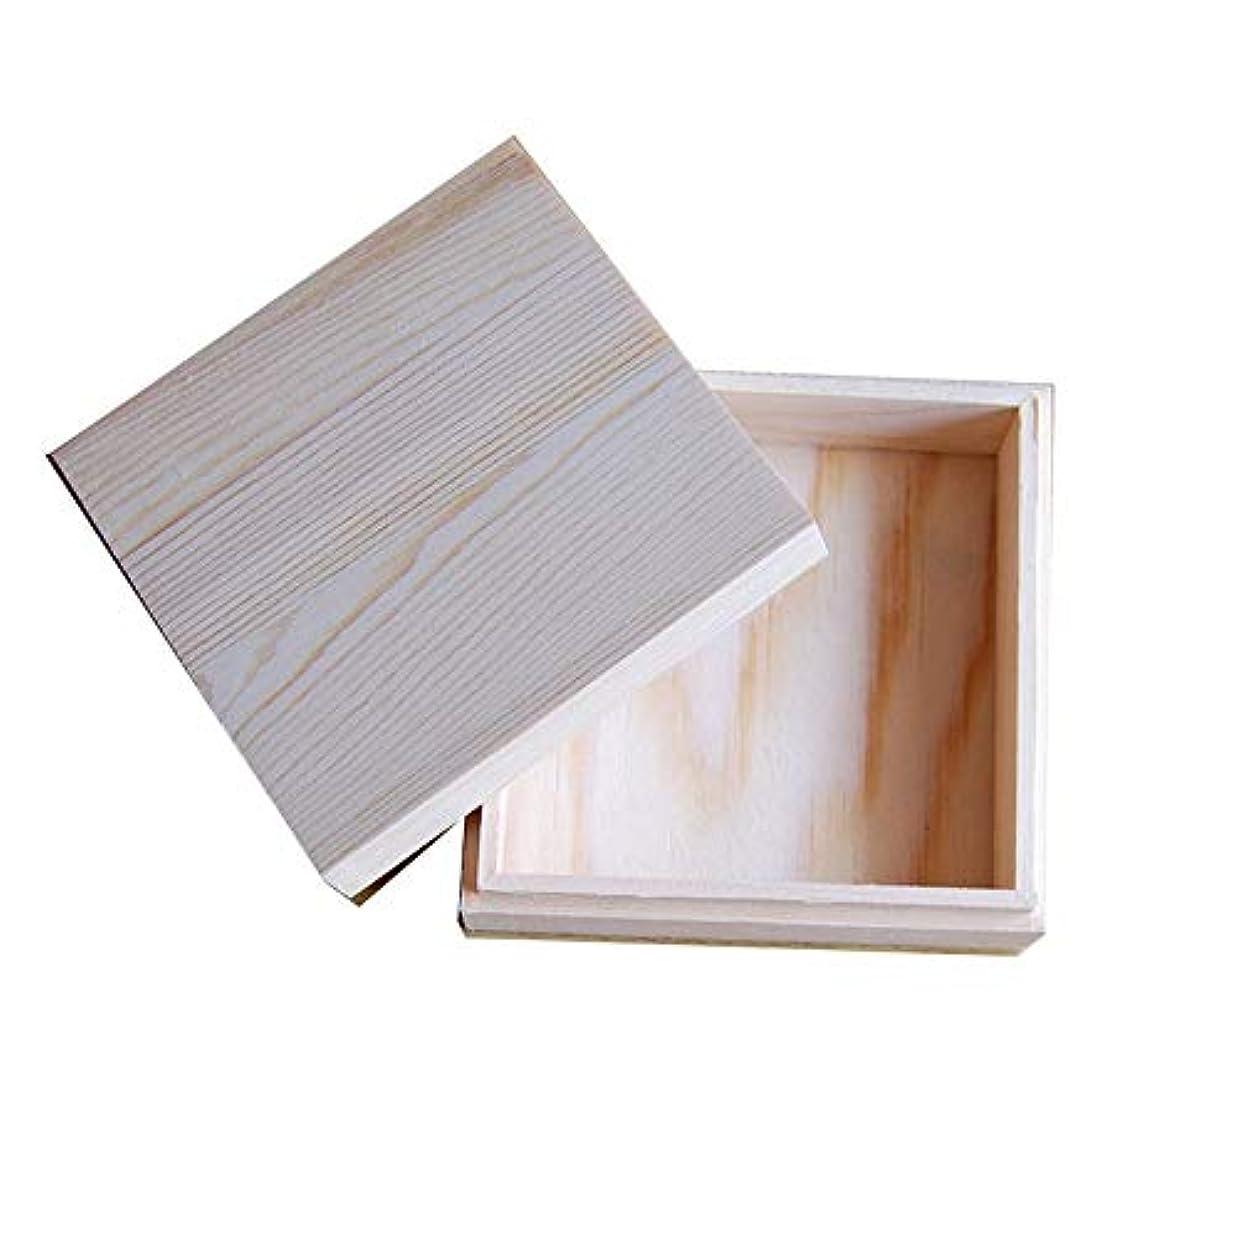 サーカスジョージハンブリーペレットエッセンシャルオイルストレージボックス 木製のエッセンシャルオイルストレージボックス安全に油を維持するためのベスト 旅行およびプレゼンテーション用 (色 : Natural, サイズ : 11.5X11.5X5CM)